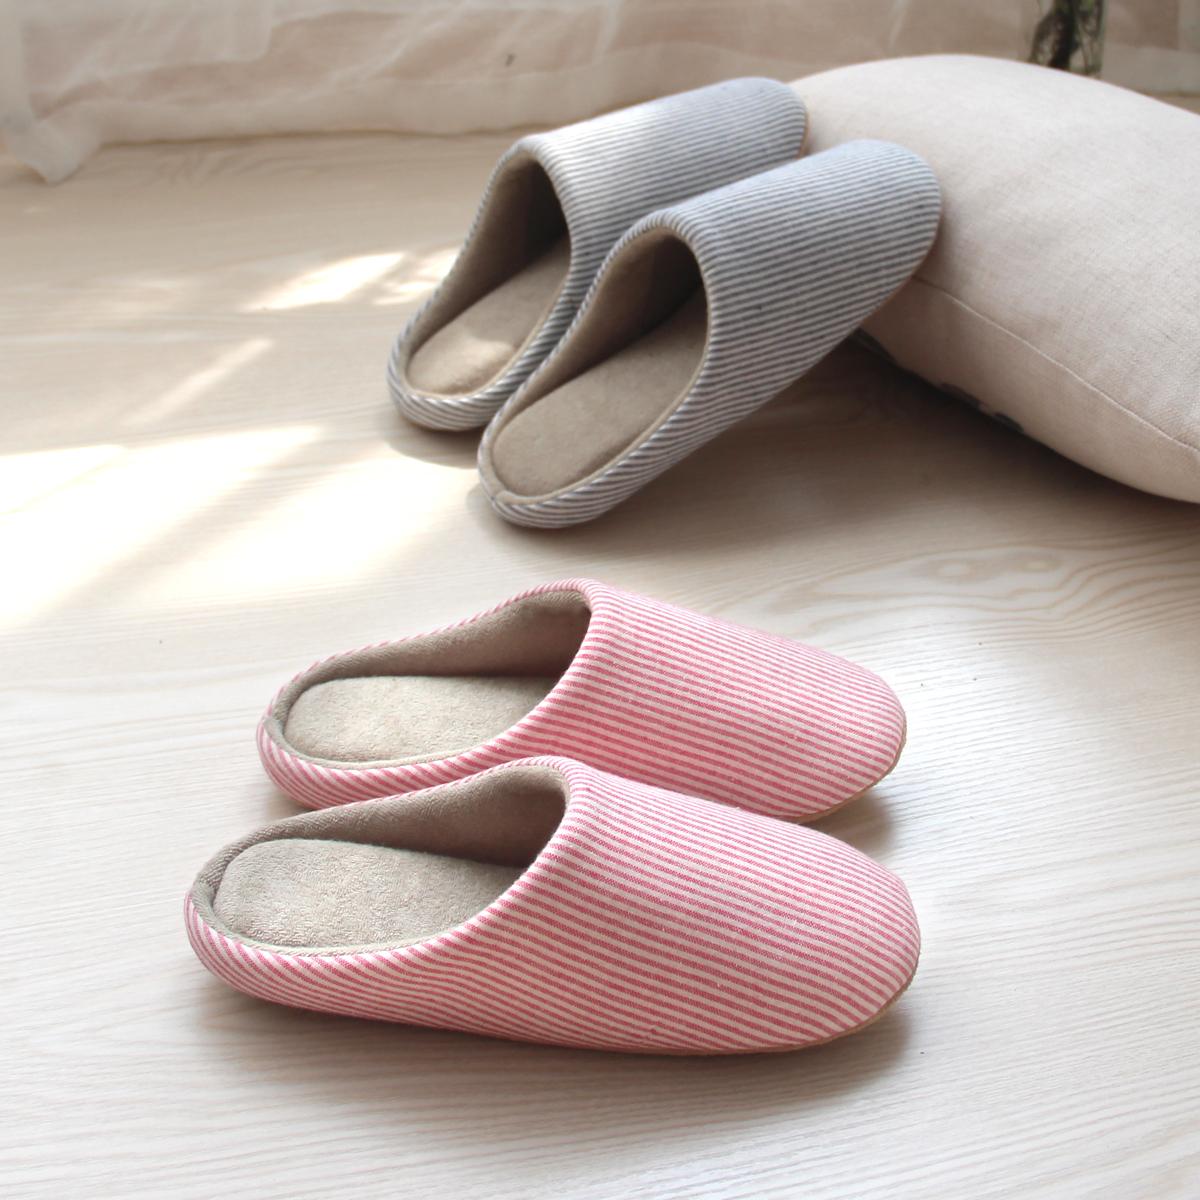 可机洗春秋日式居家室内软底地板男女无声棉拖鞋保暖夏季静音防滑